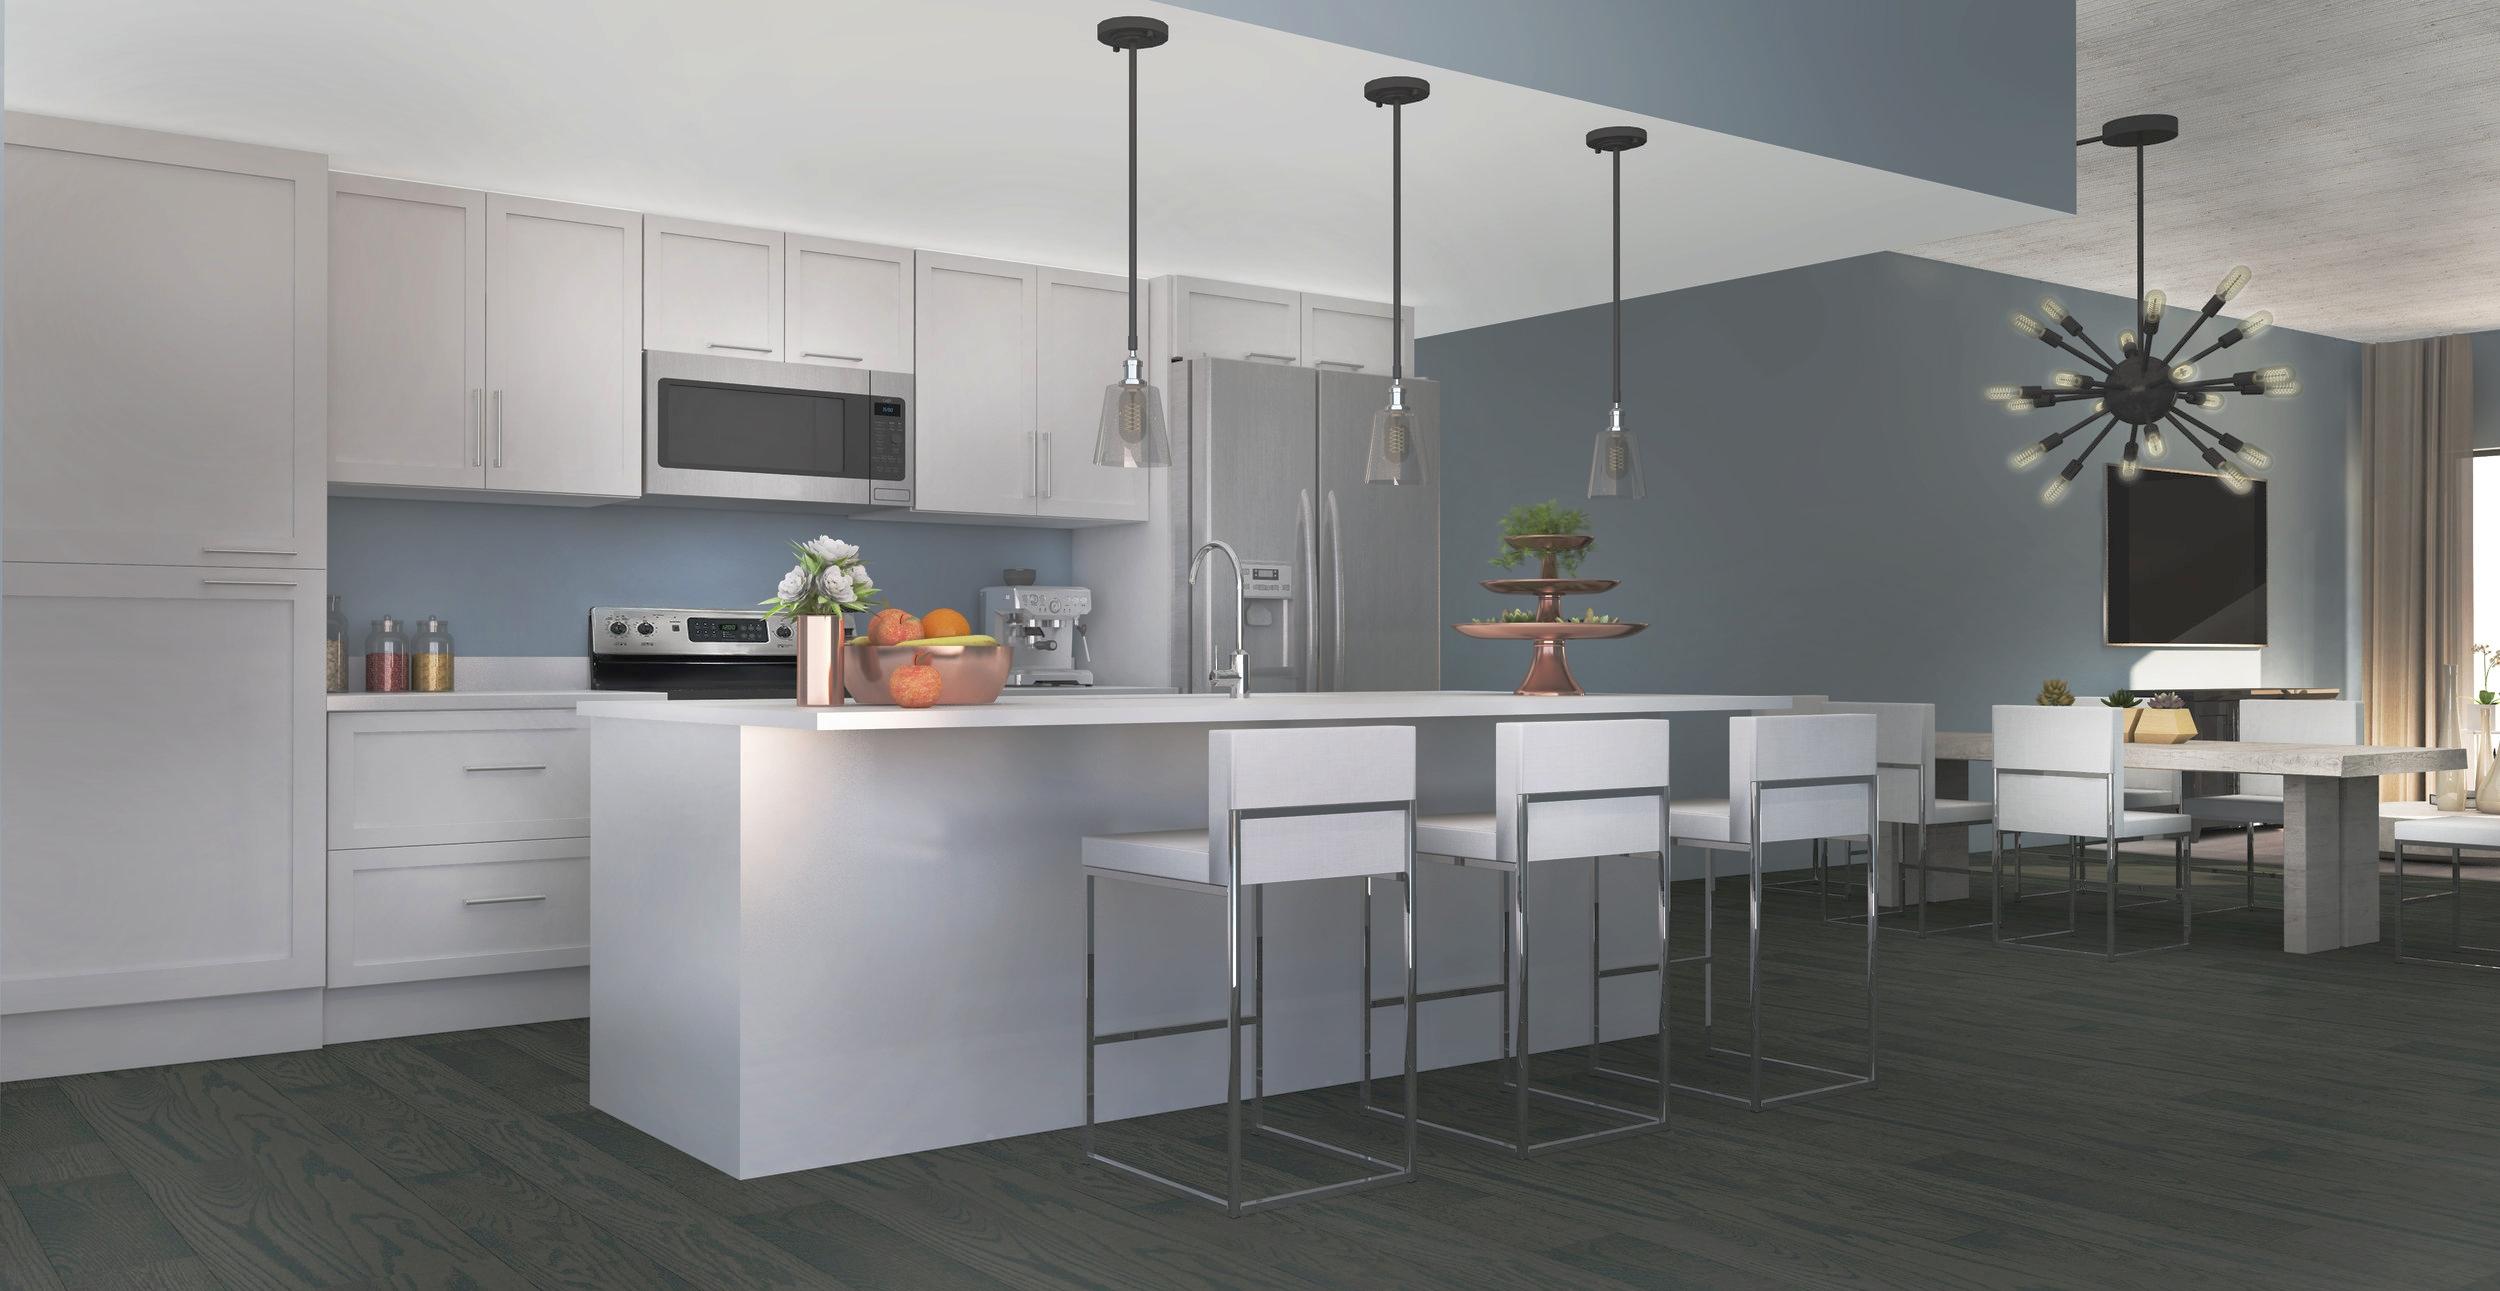 kitchen_fix2.jpg